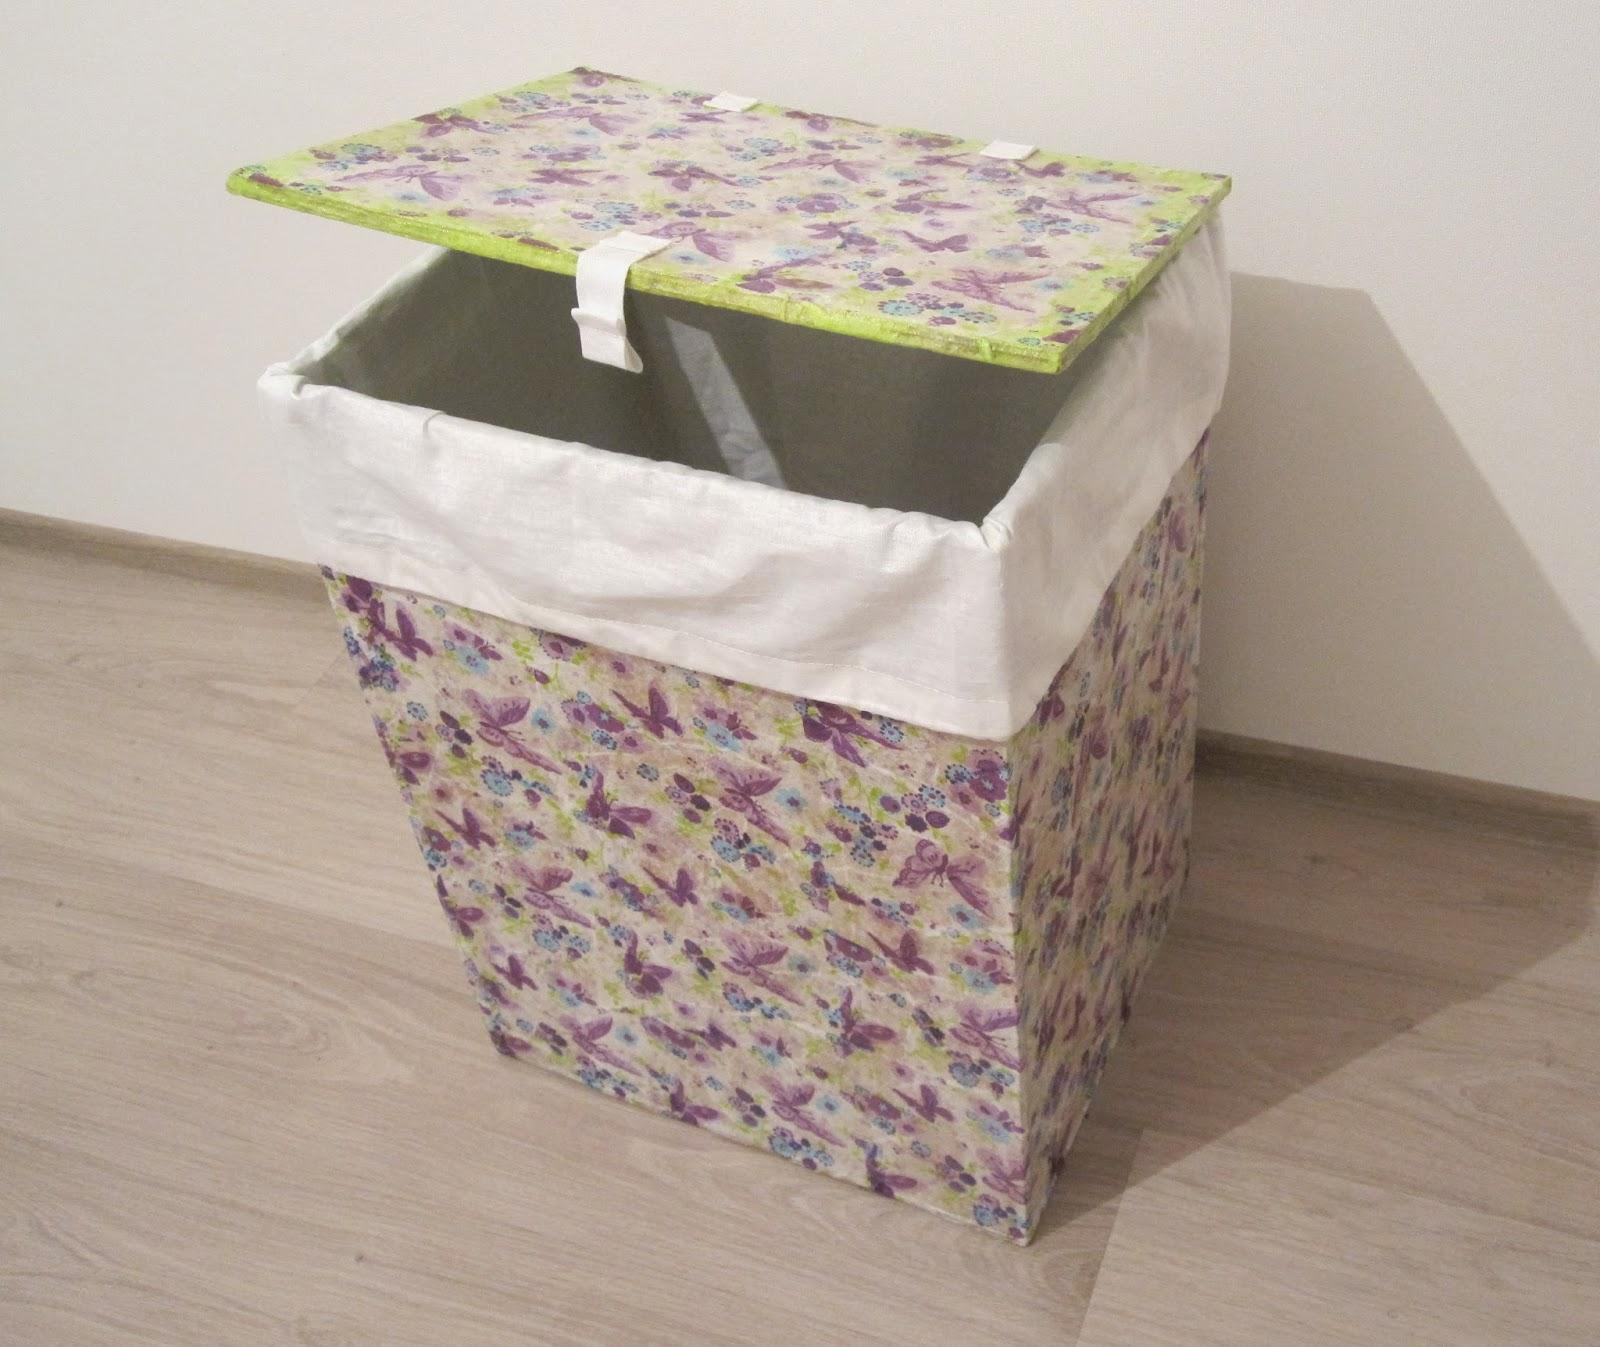 8c2e66161f34 Как сделать ящик для игрушек своими руками: несколько подробных ...